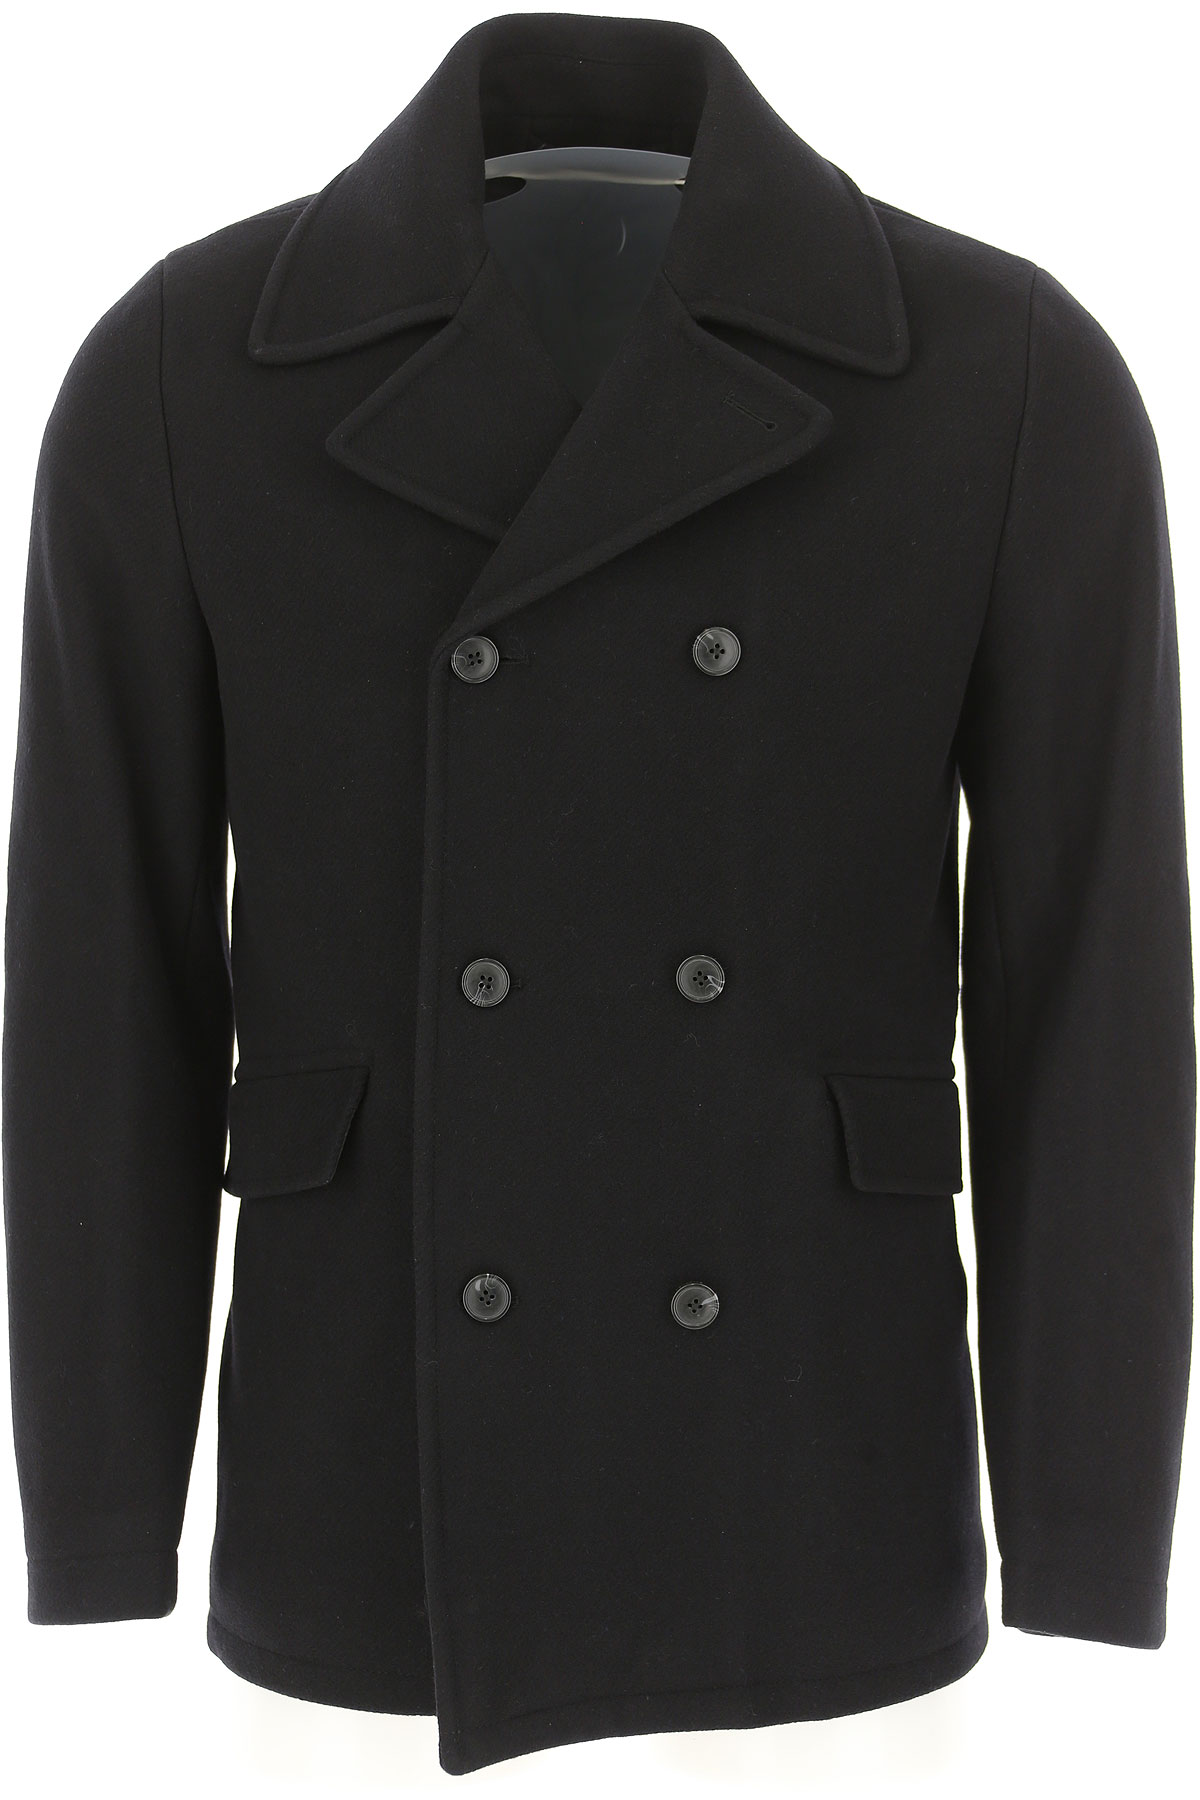 Image of Selected Men\'s Coat, Black, Virgin wool, 2017, L M XXS